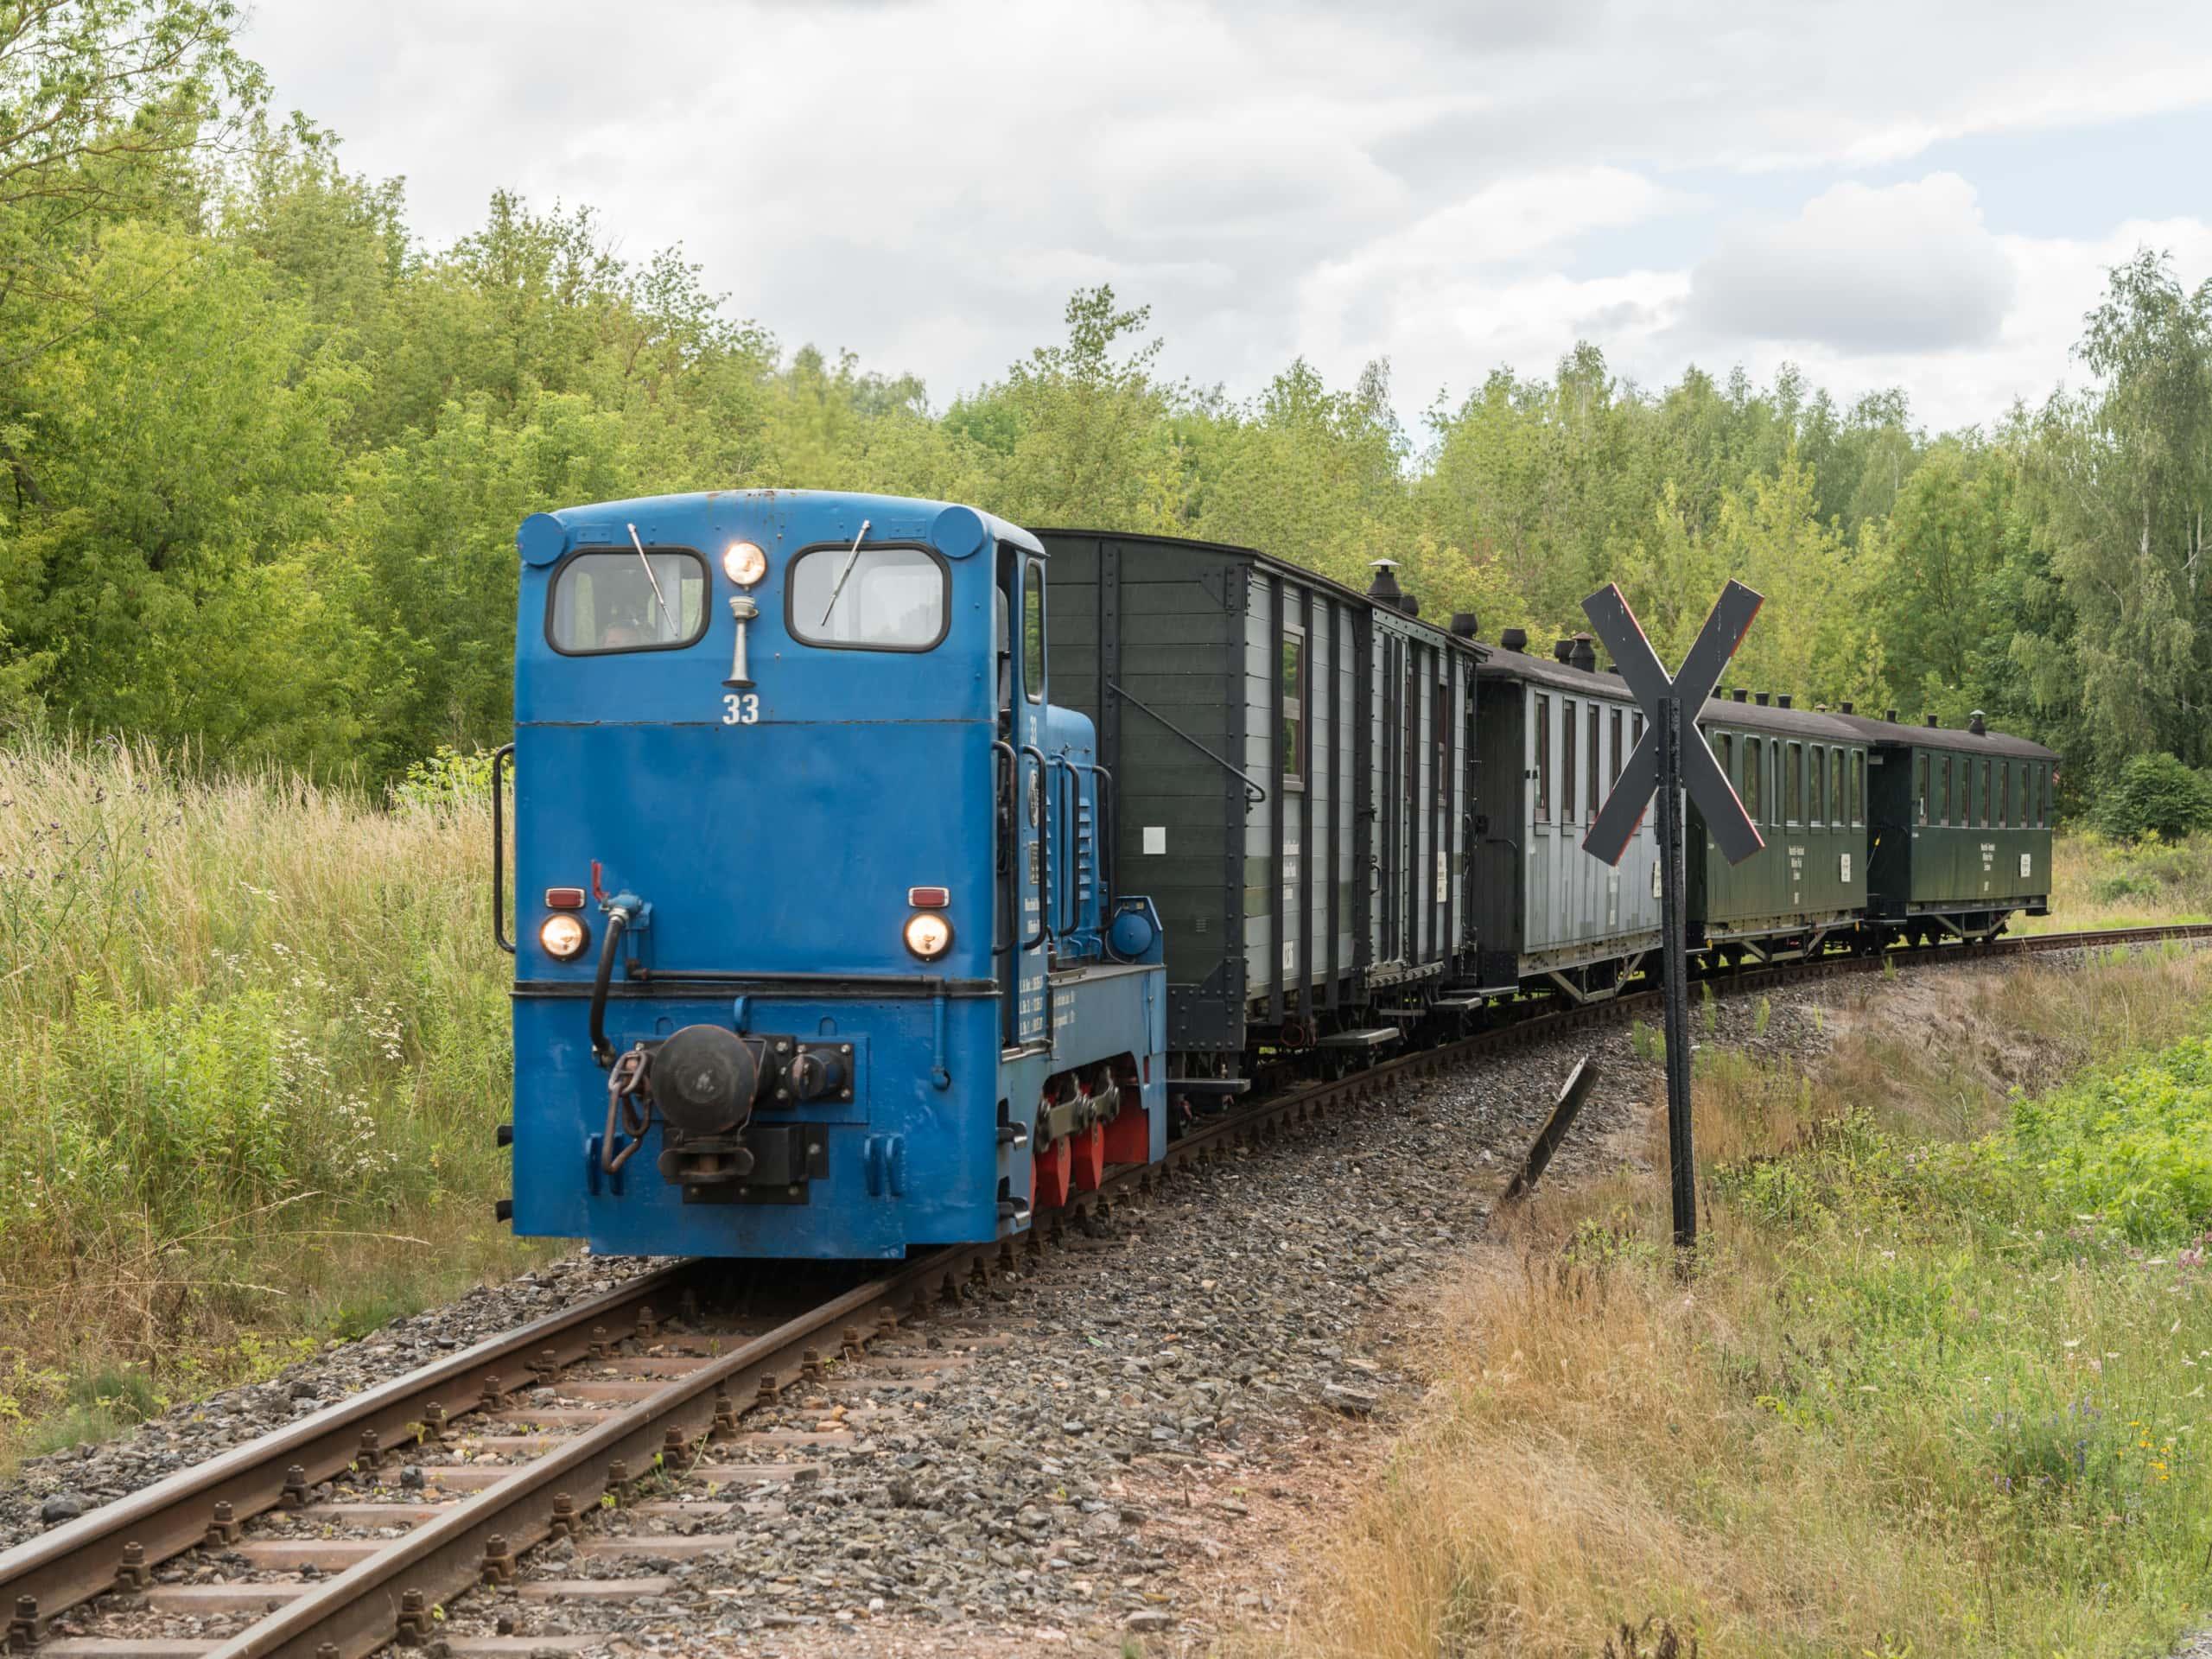 Industriekultur – Mansfelder Bergwerksbahn